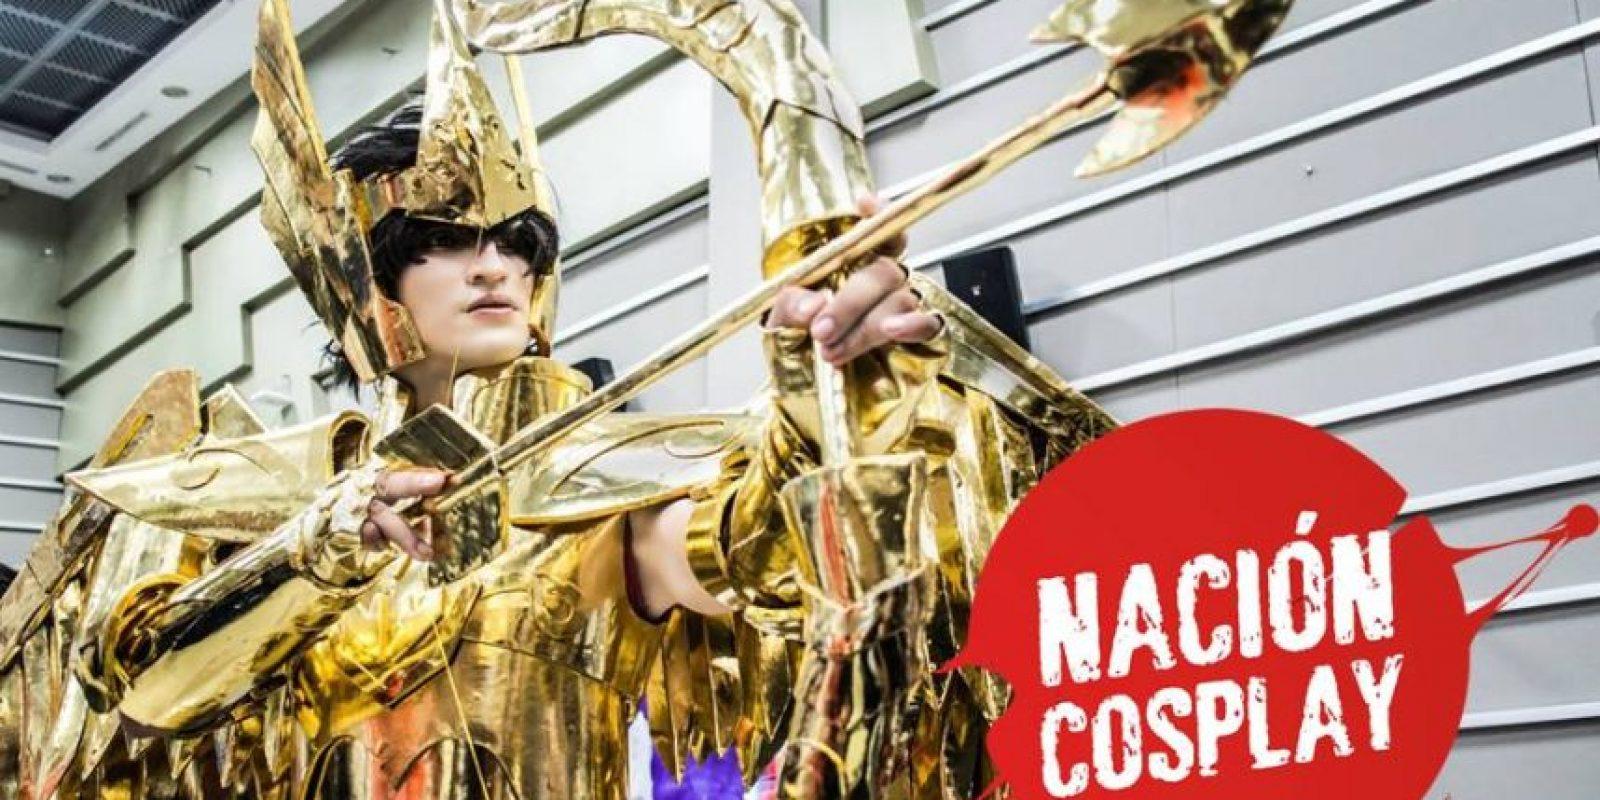 Jorge Torres Foto:Nación Cosplay